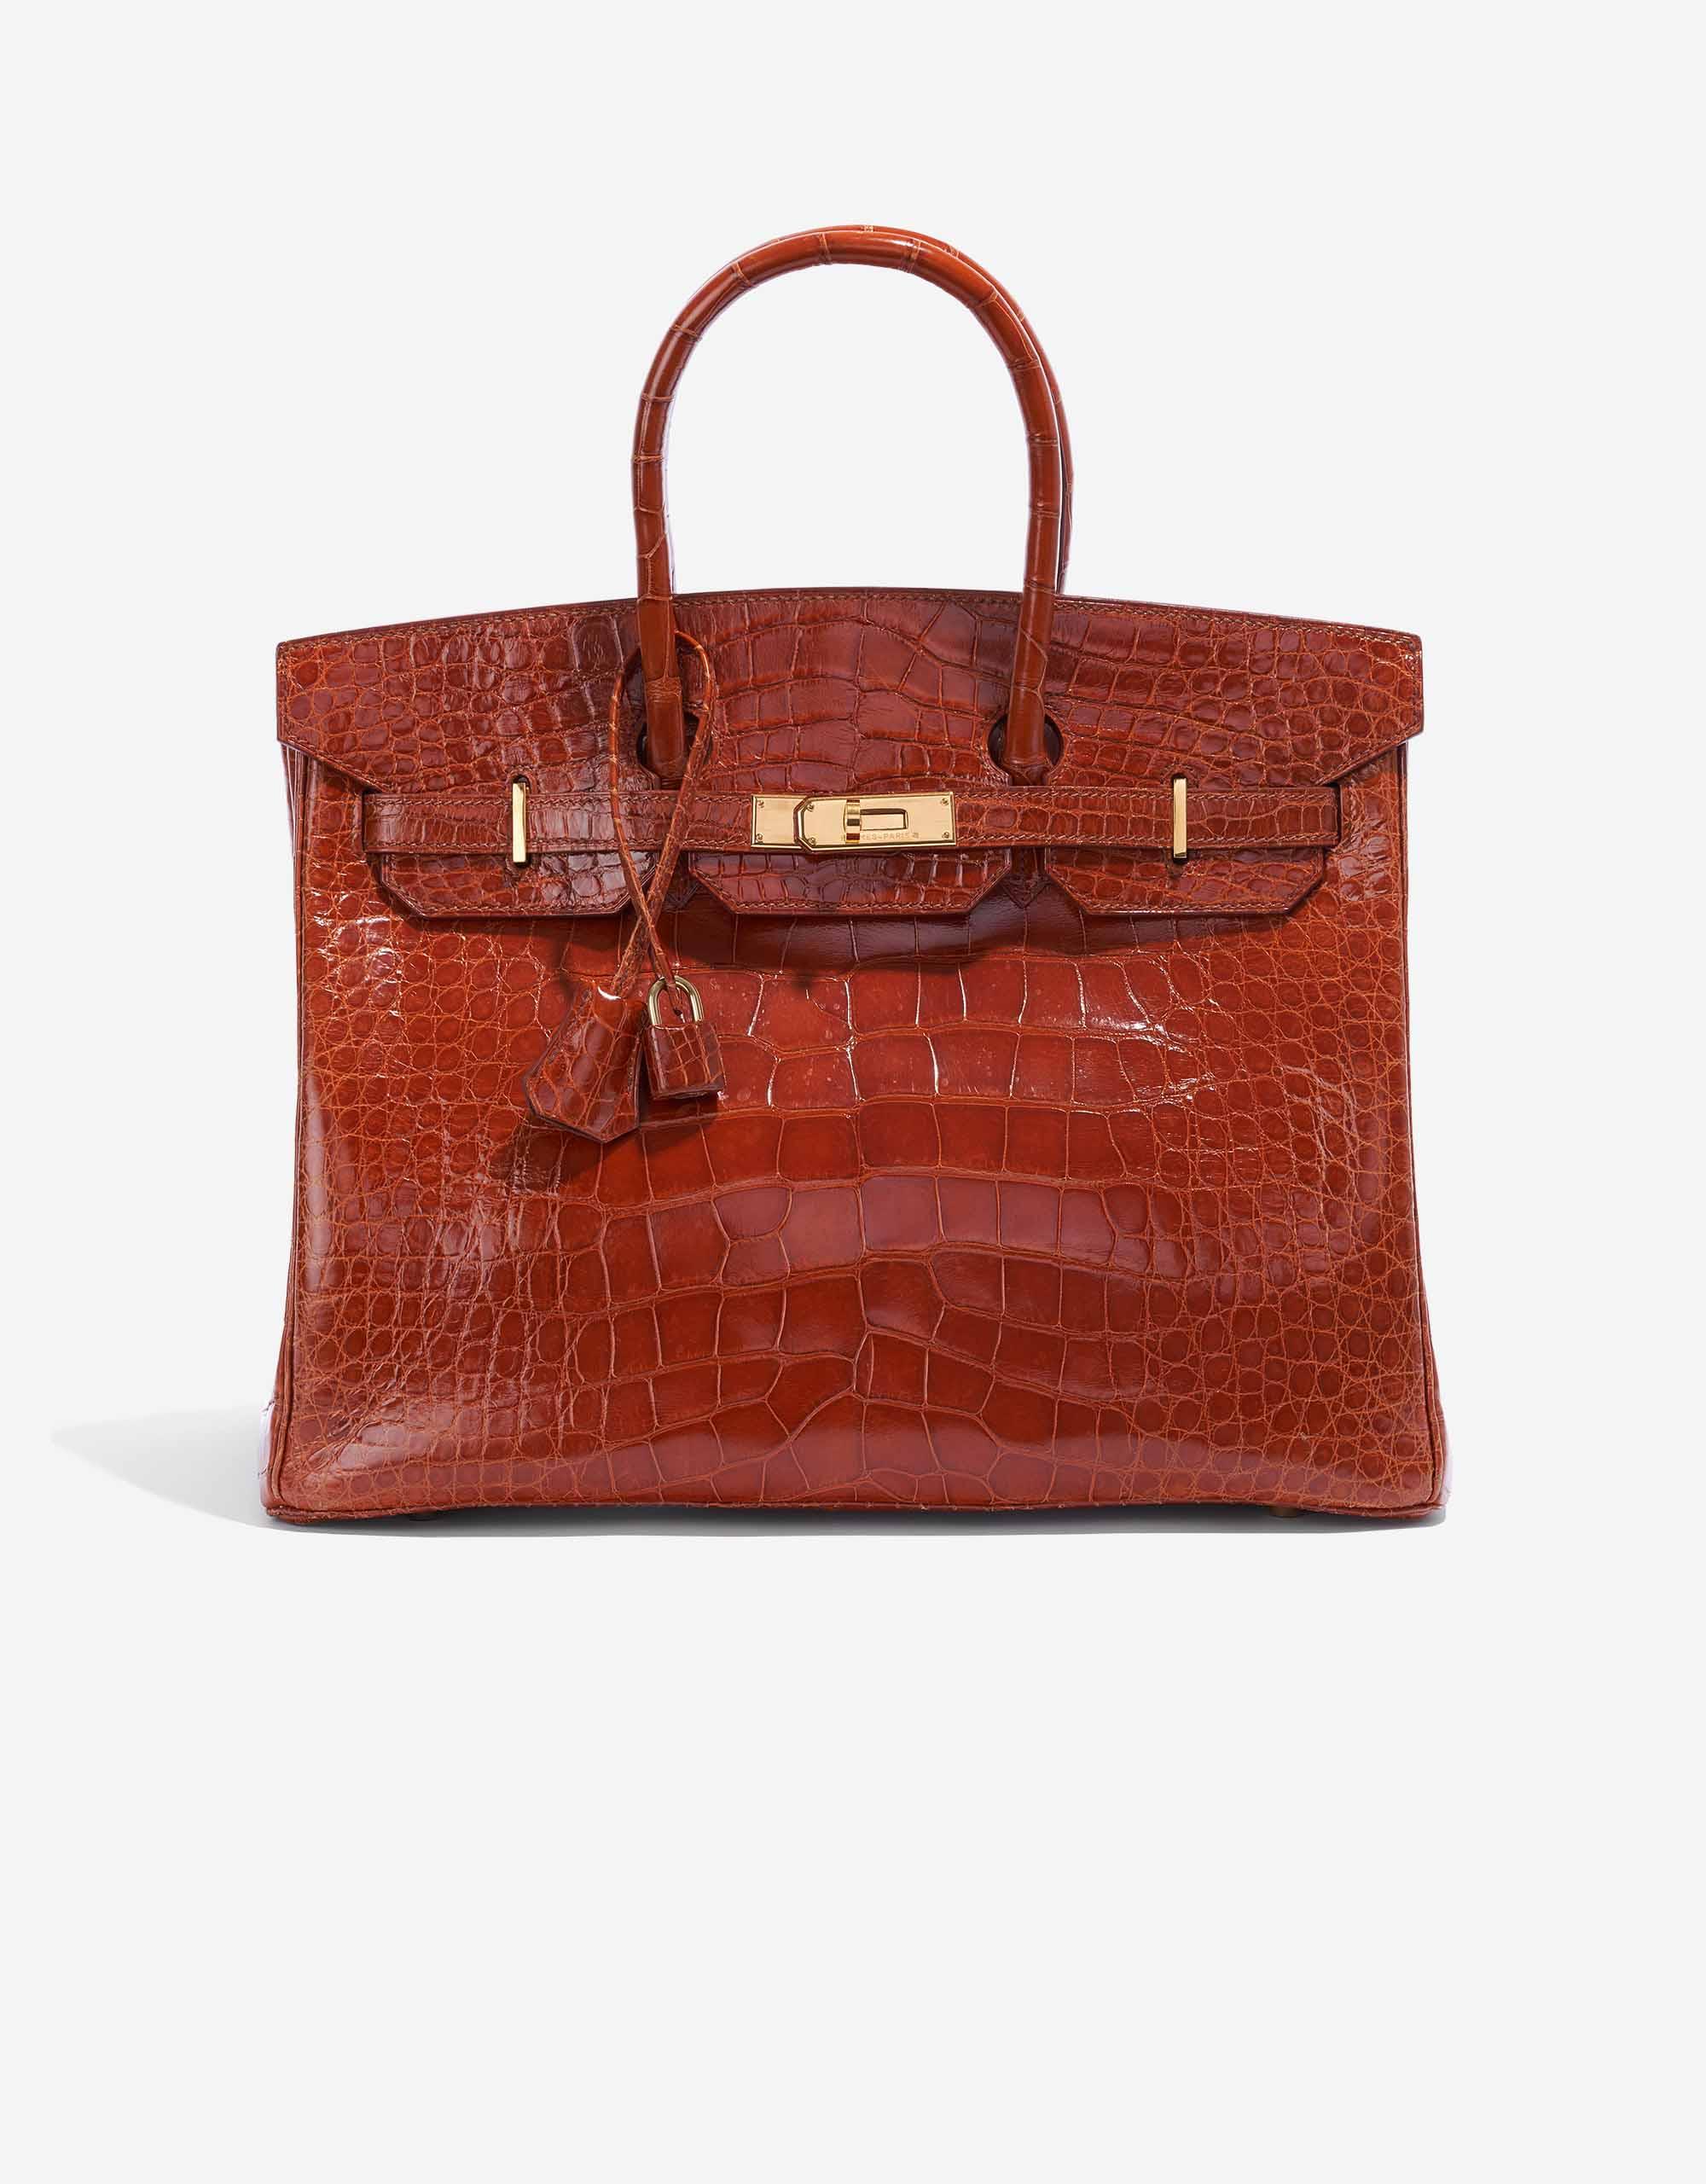 Hermès Birkin 35 Alligator Mississippi Marron | SACLÀB